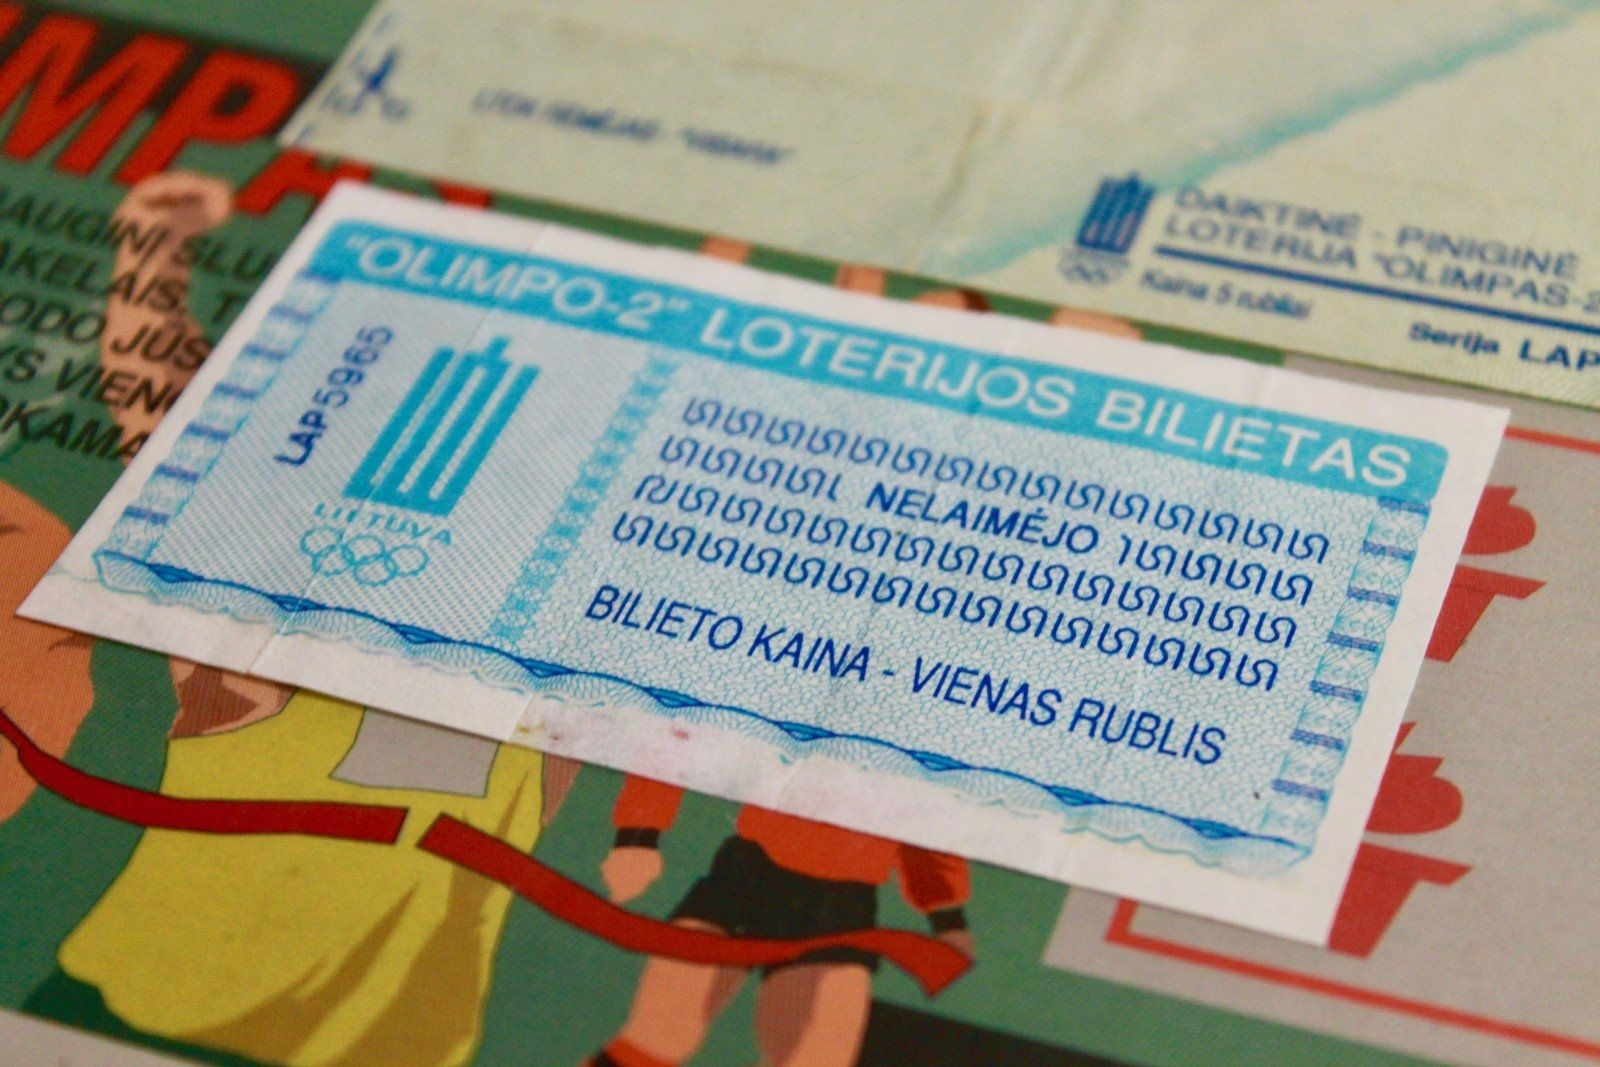 pirmas loterijos bilietas